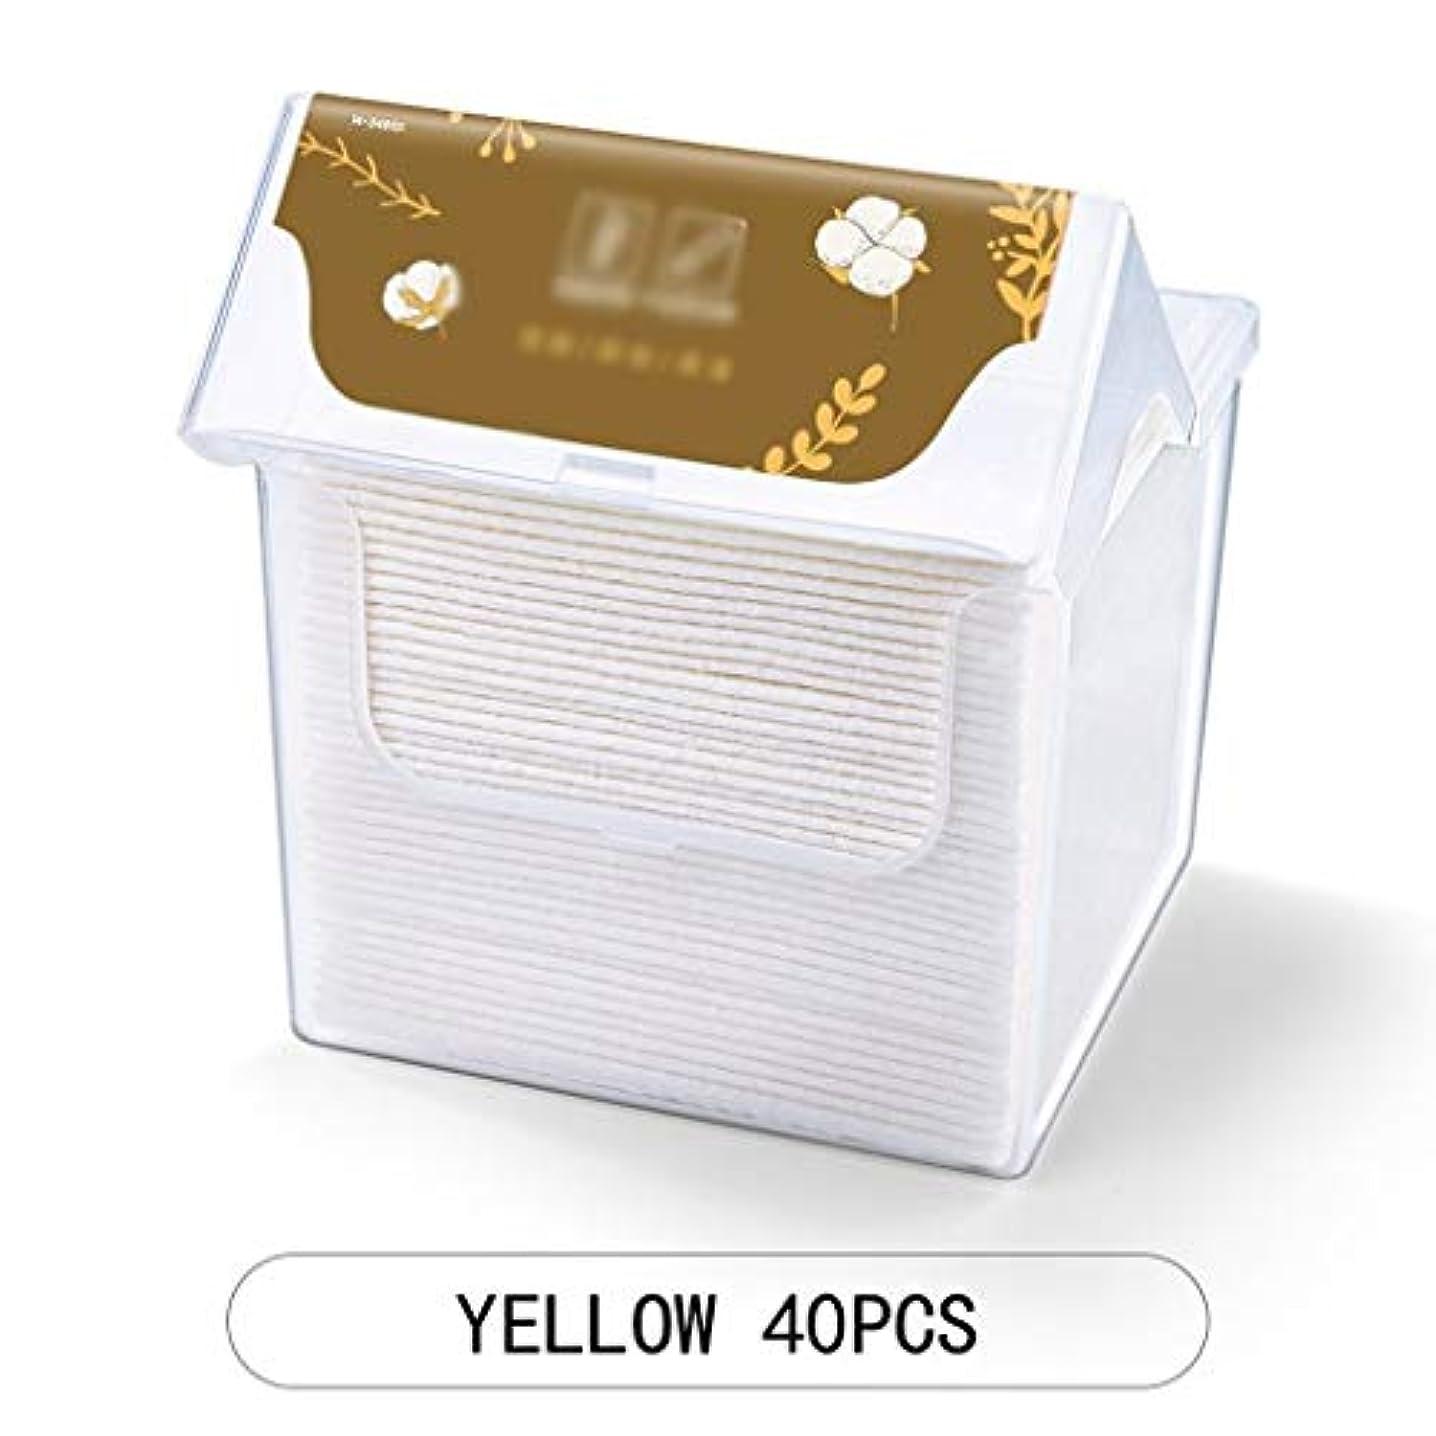 俳句弱い派生するクレンジングシート 柔らかい綿のティッシュメイクアップワイプ多目的フェイスクリーニングフェイスクロスコットンパッドメイクアップ取り外し家庭用クリーニング (Color : Green)